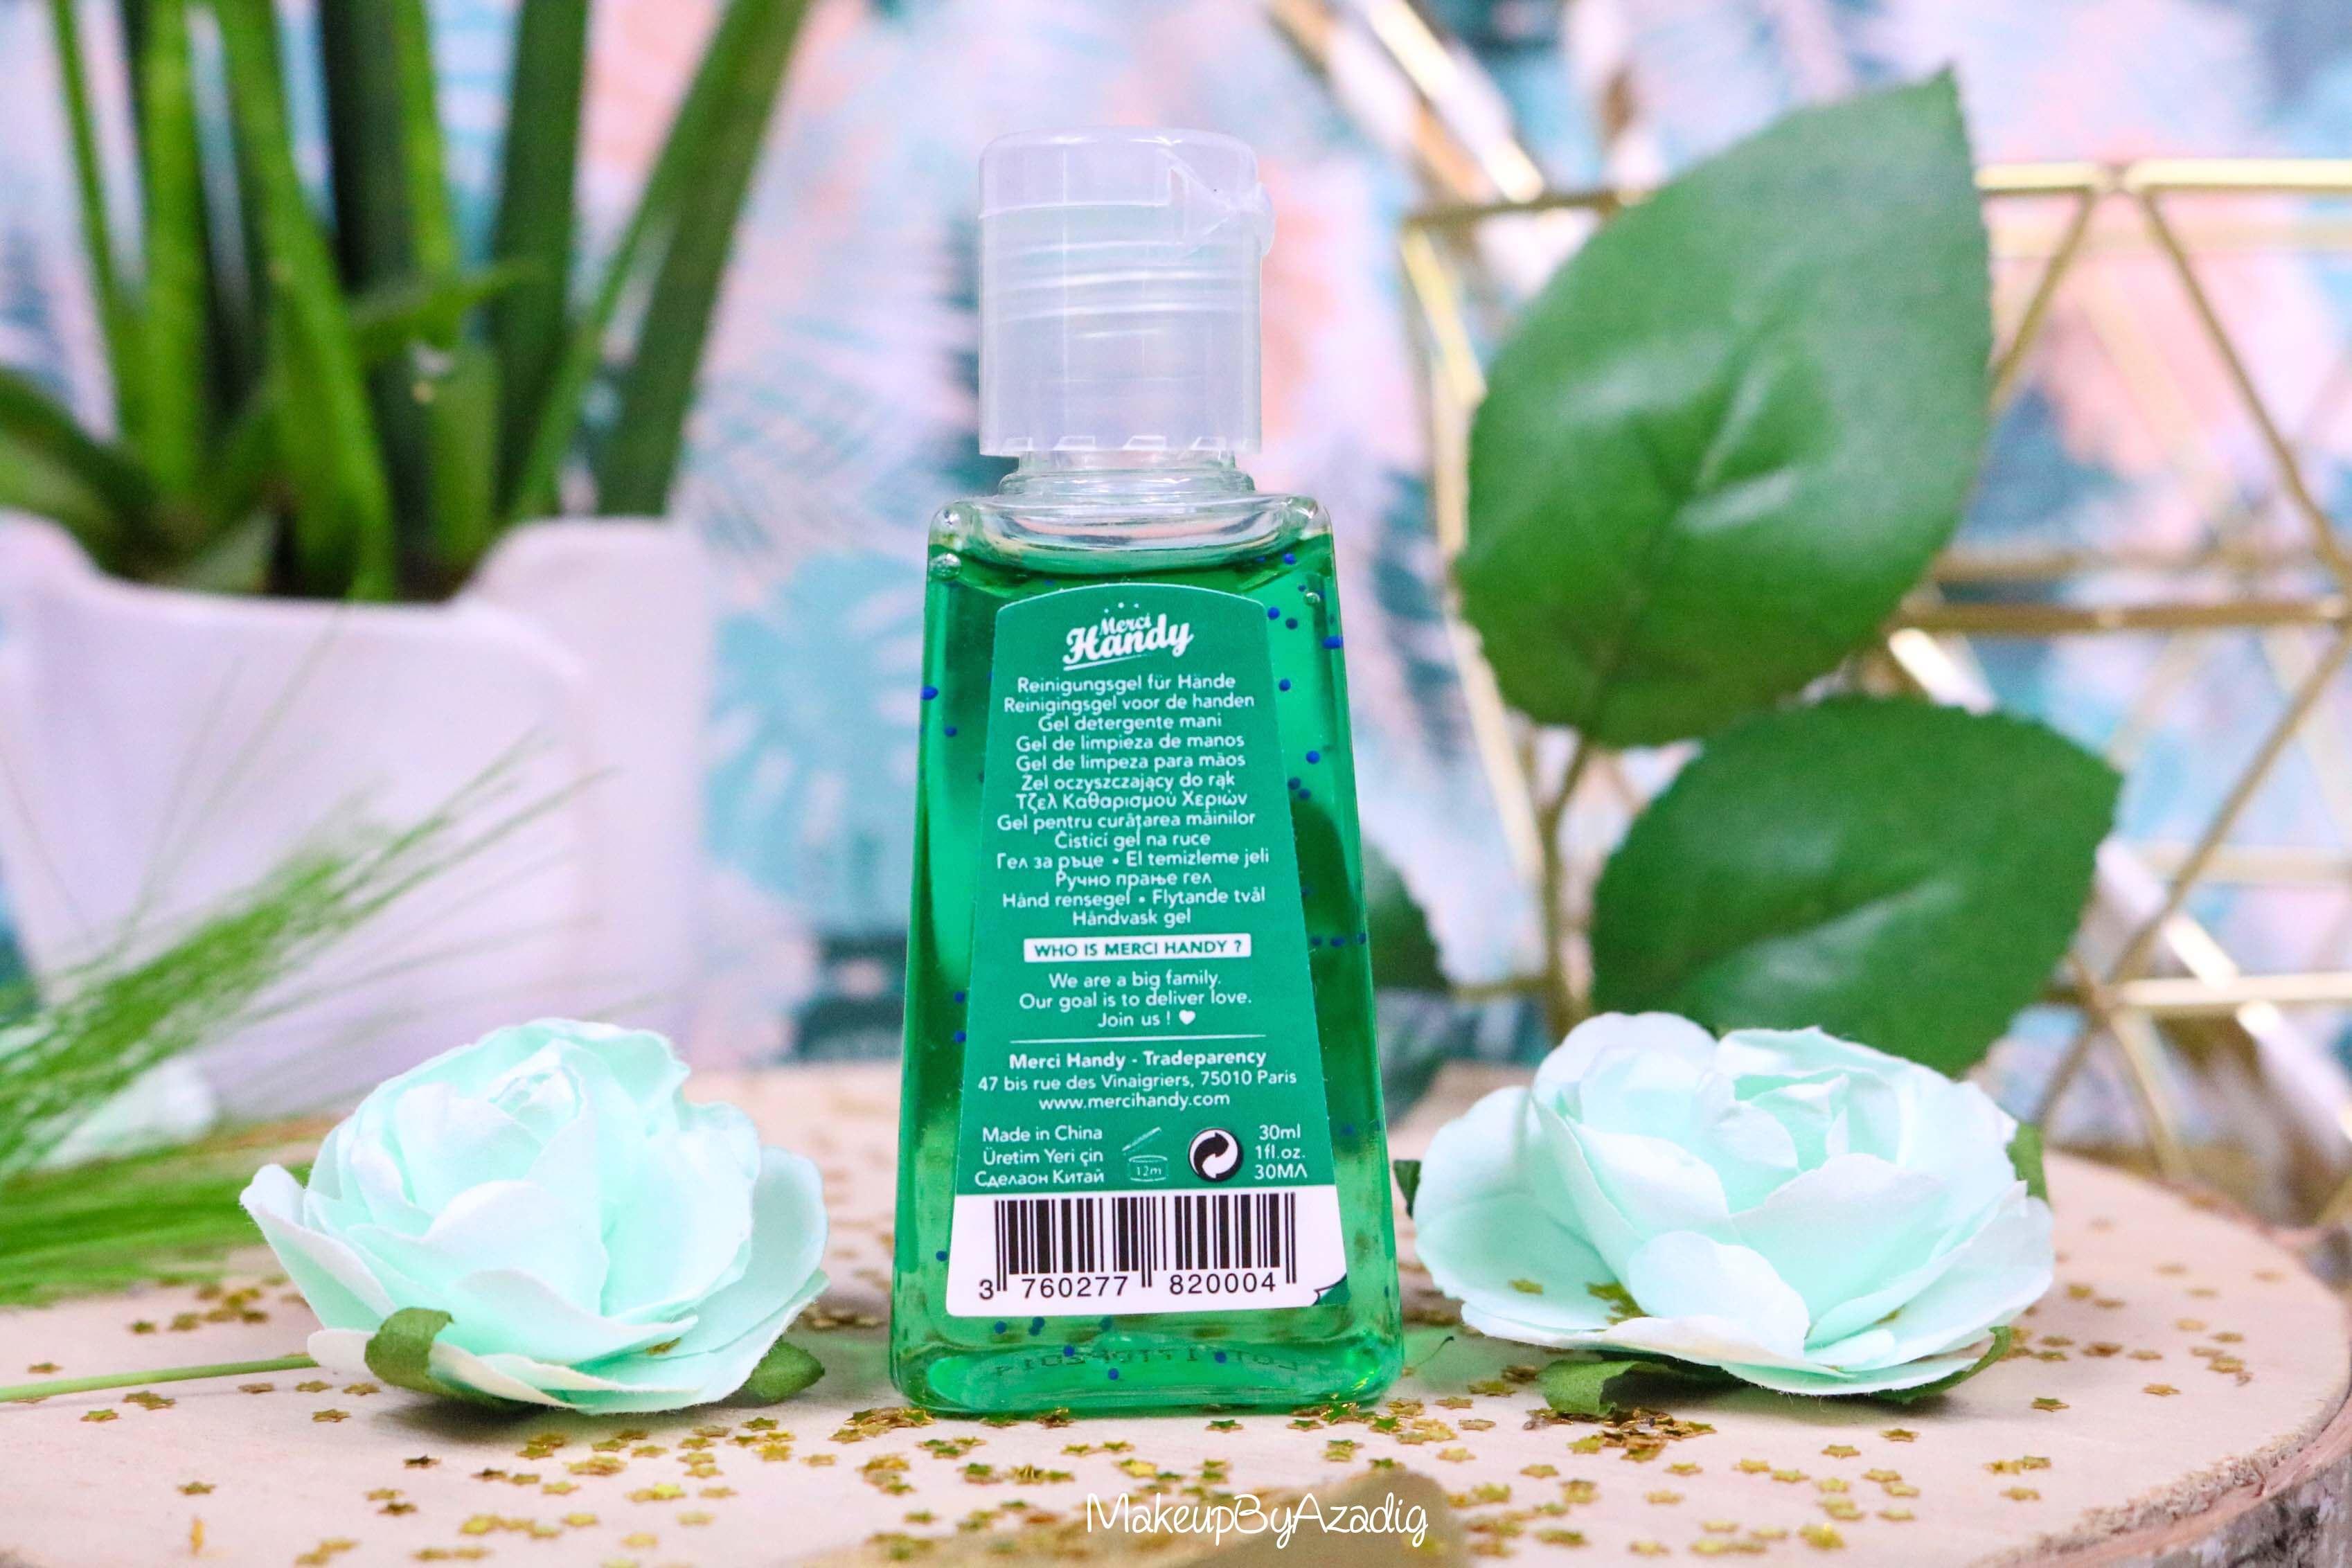 revue-merci-handy-jungle-fever-makeupbyazadig-nouvelle-senteur-gel-antibacteriens-creme-mains-bougie-sephora-avis-prix-vert